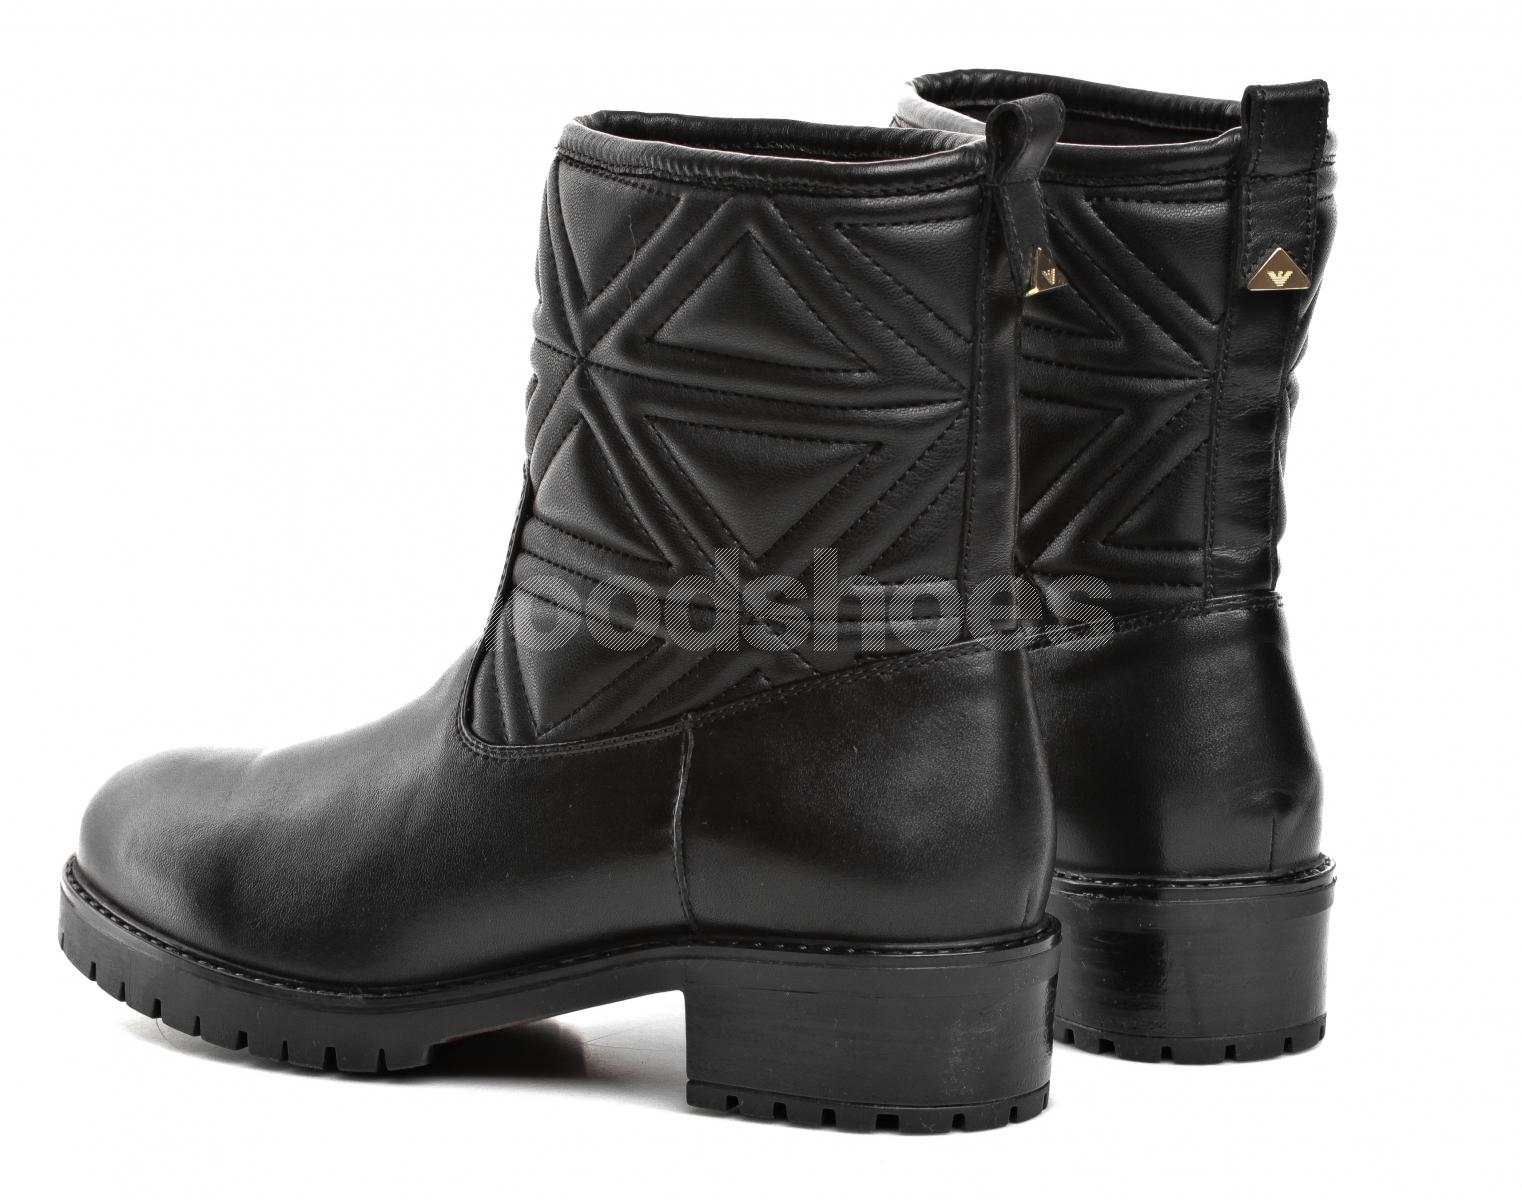 a3d0e5e9733b3 ... Kozaki Damskie Emporio Armani Czarne X3M255 XF259 00002 BLACK ...